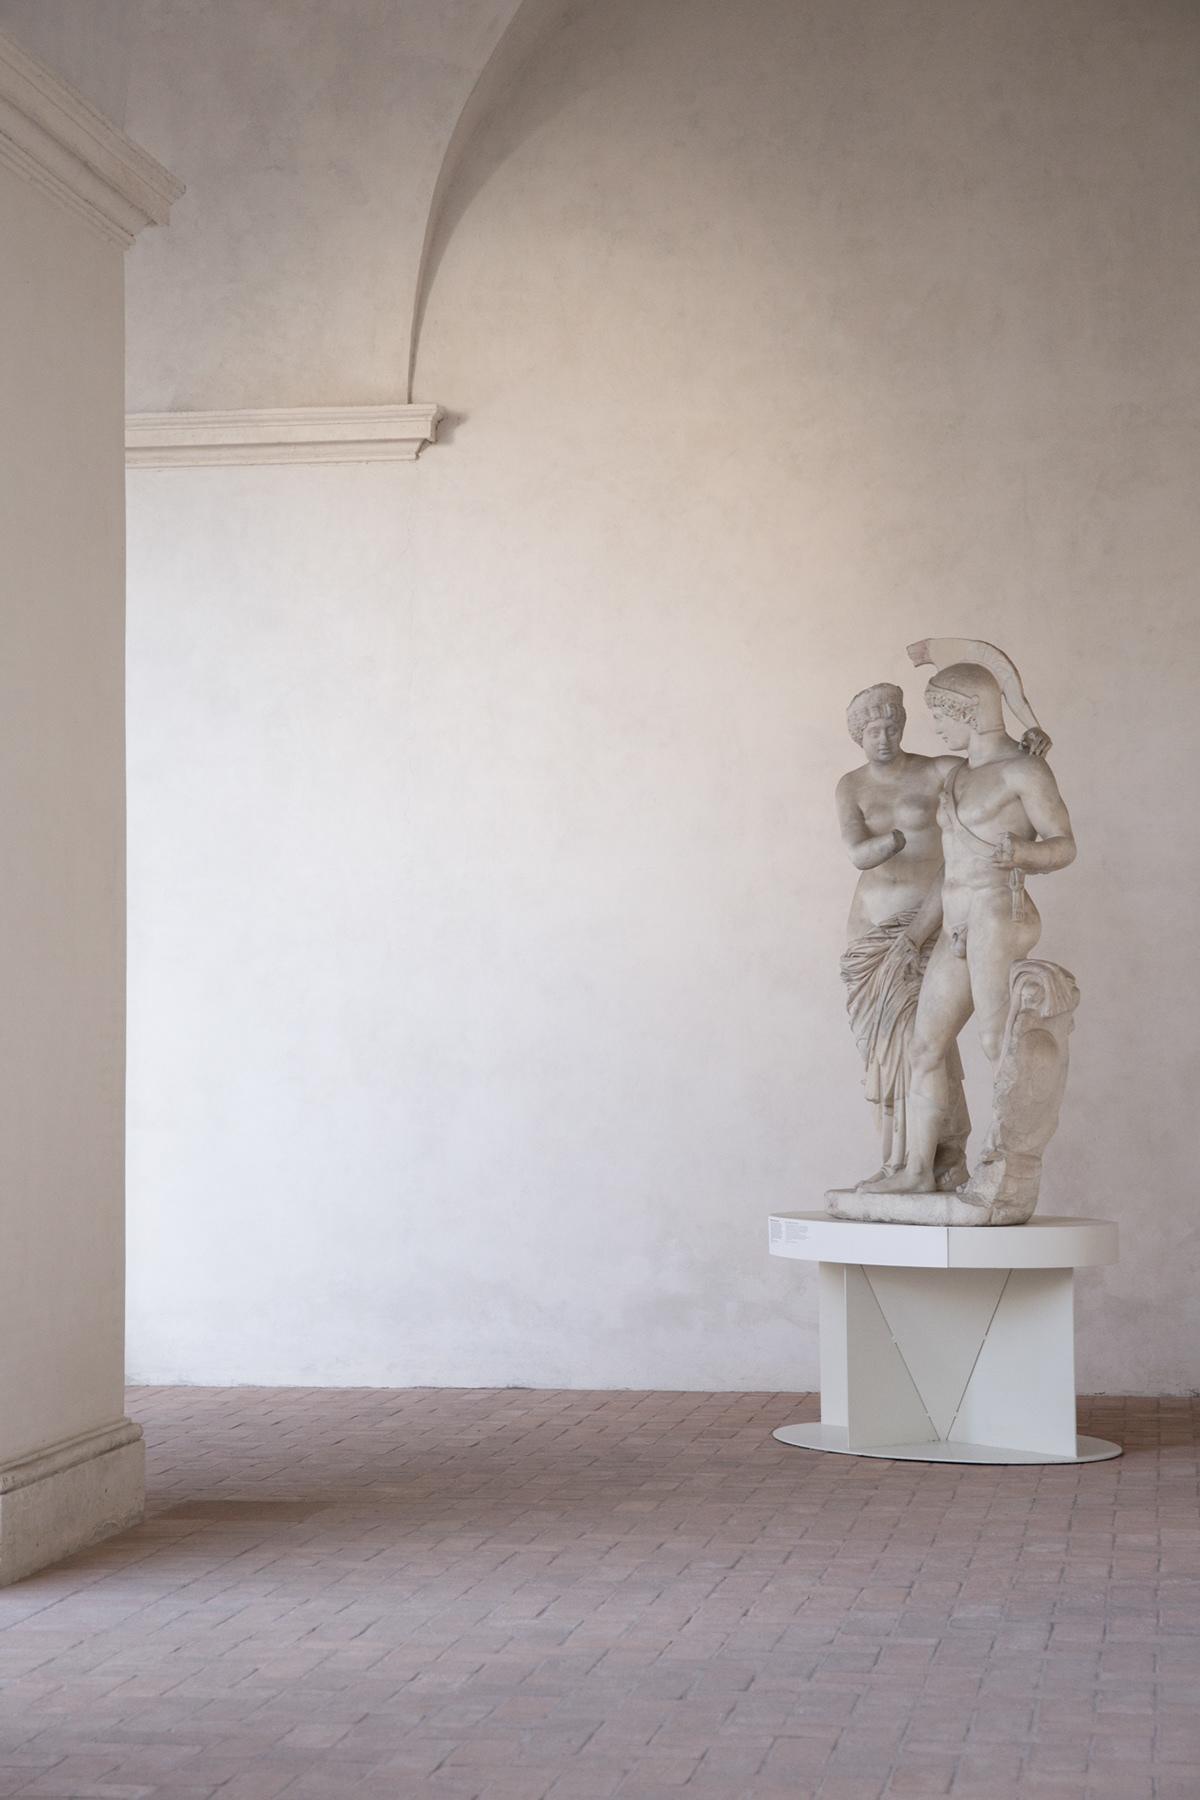 Dario Ruggiero museo nazionale romano Terme di Diocleziano Photography  archaeology statue architecture Rome